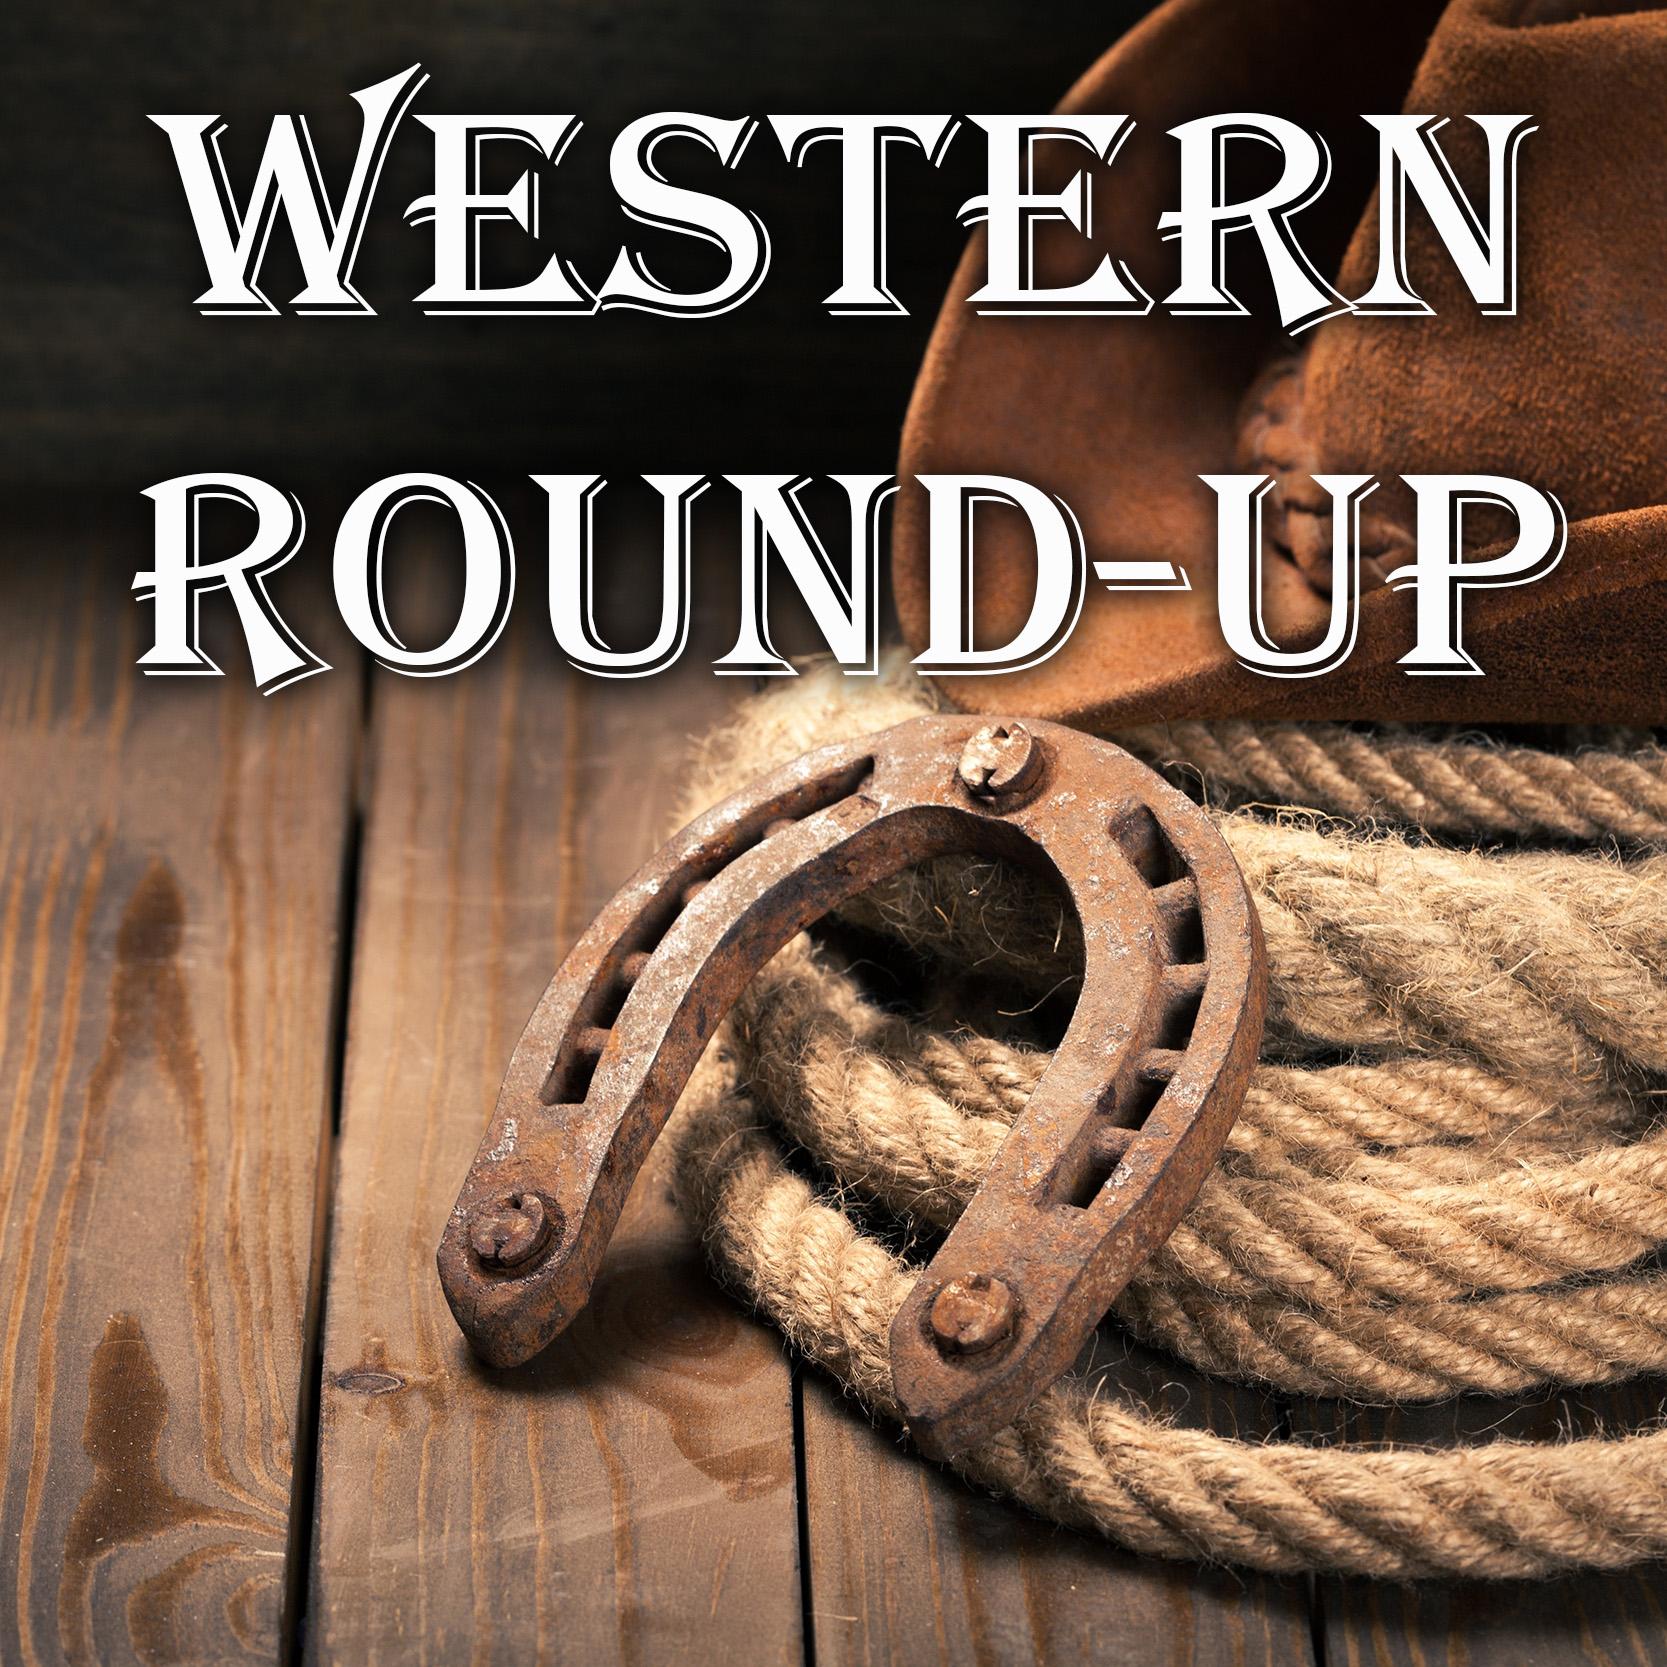 Western Round-Up